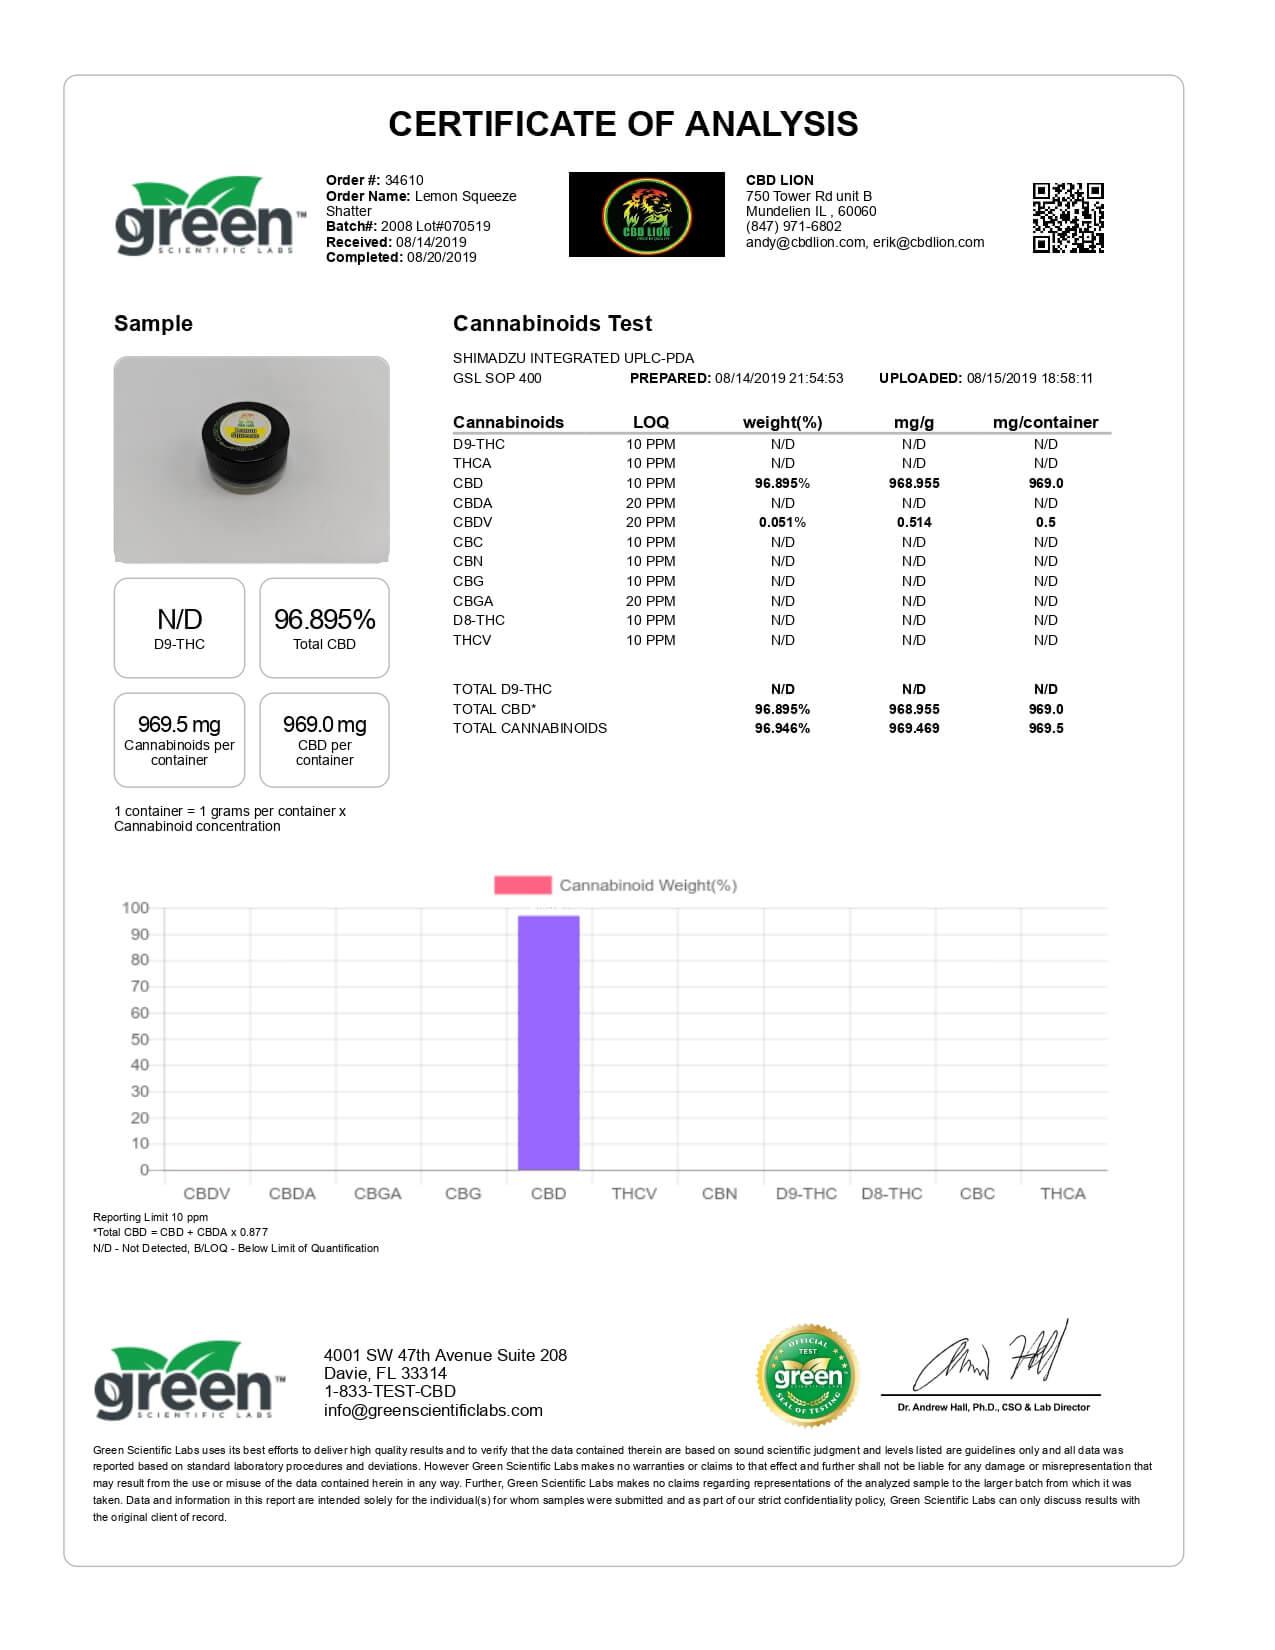 CBD Lion CBD CBD Lion CBD Concentrate Lemon Squeeze Shatter 0.5g Lab ReportLemon Squeeze Shatter 0.5mg Lab Report